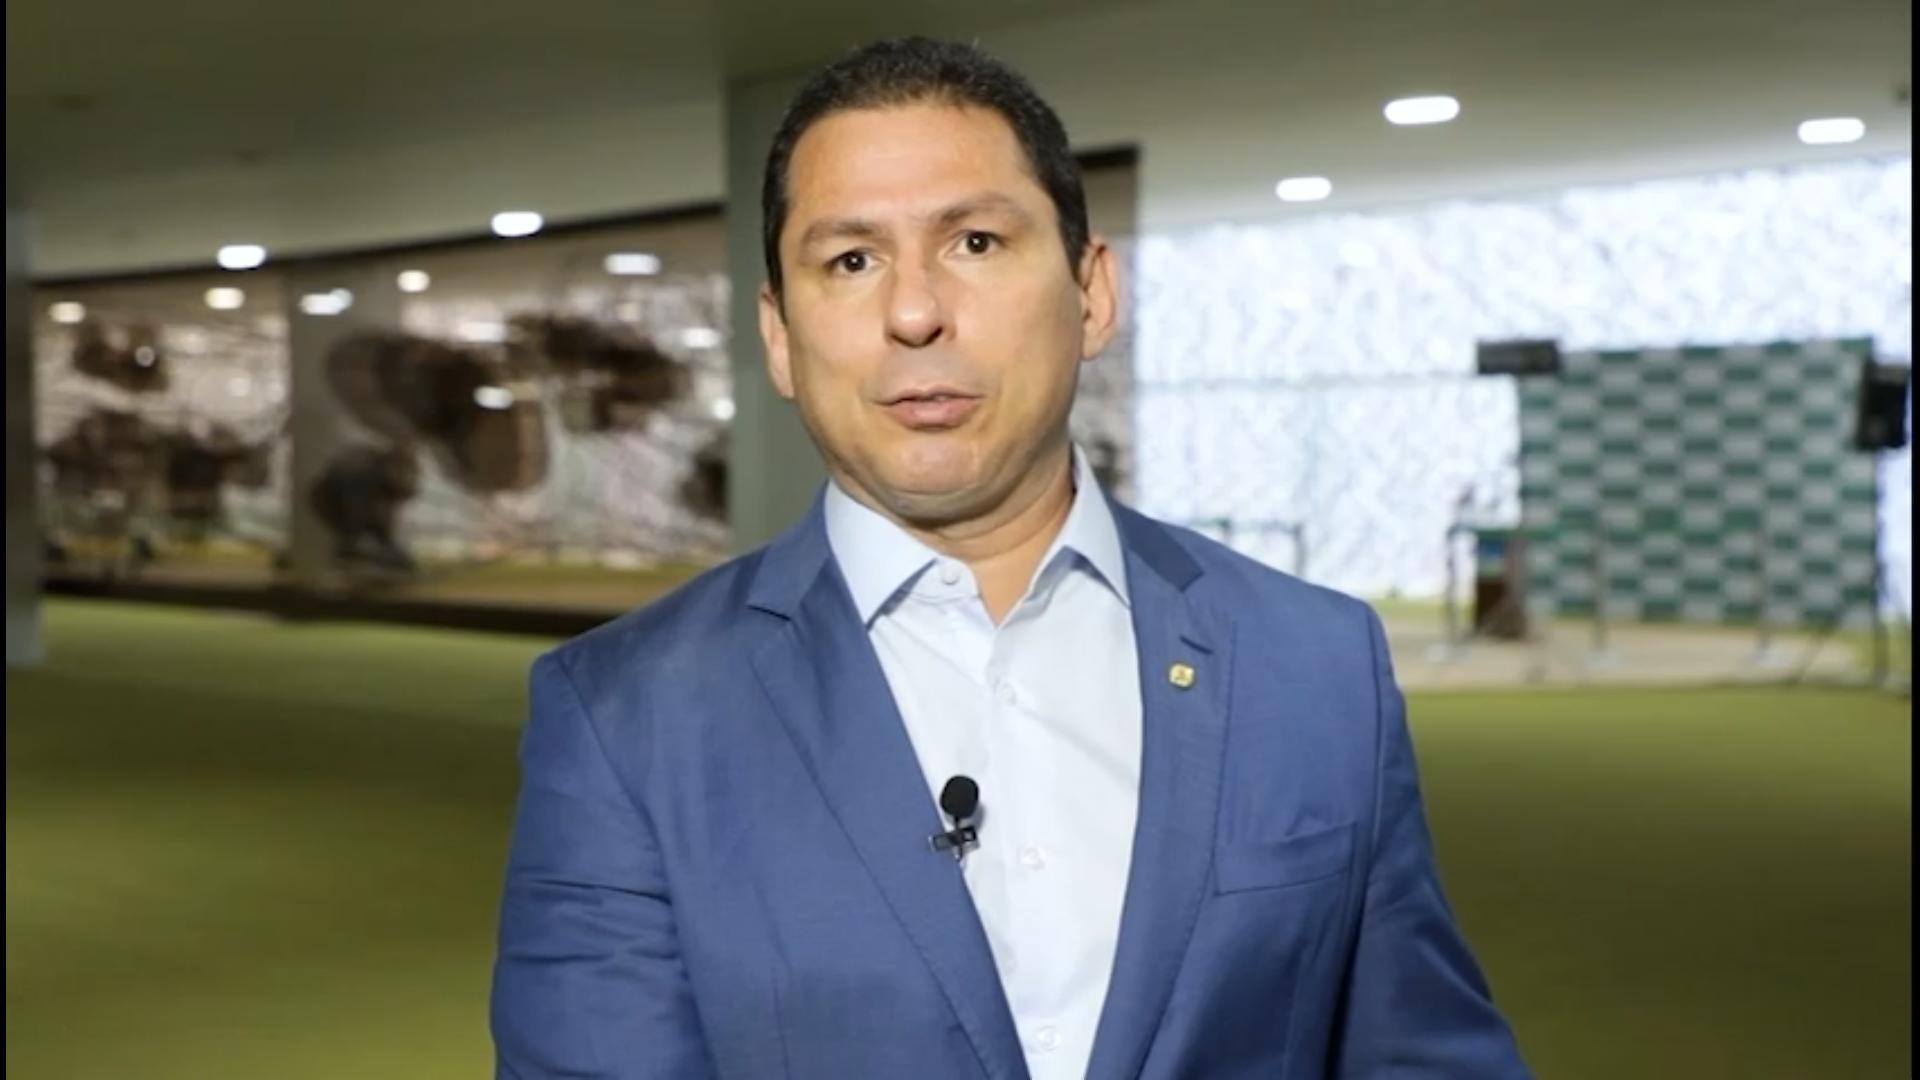 IMAGEM: 'A máscara de quem quis aumentar o fundão começa a cair', diz Marcelo Ramos